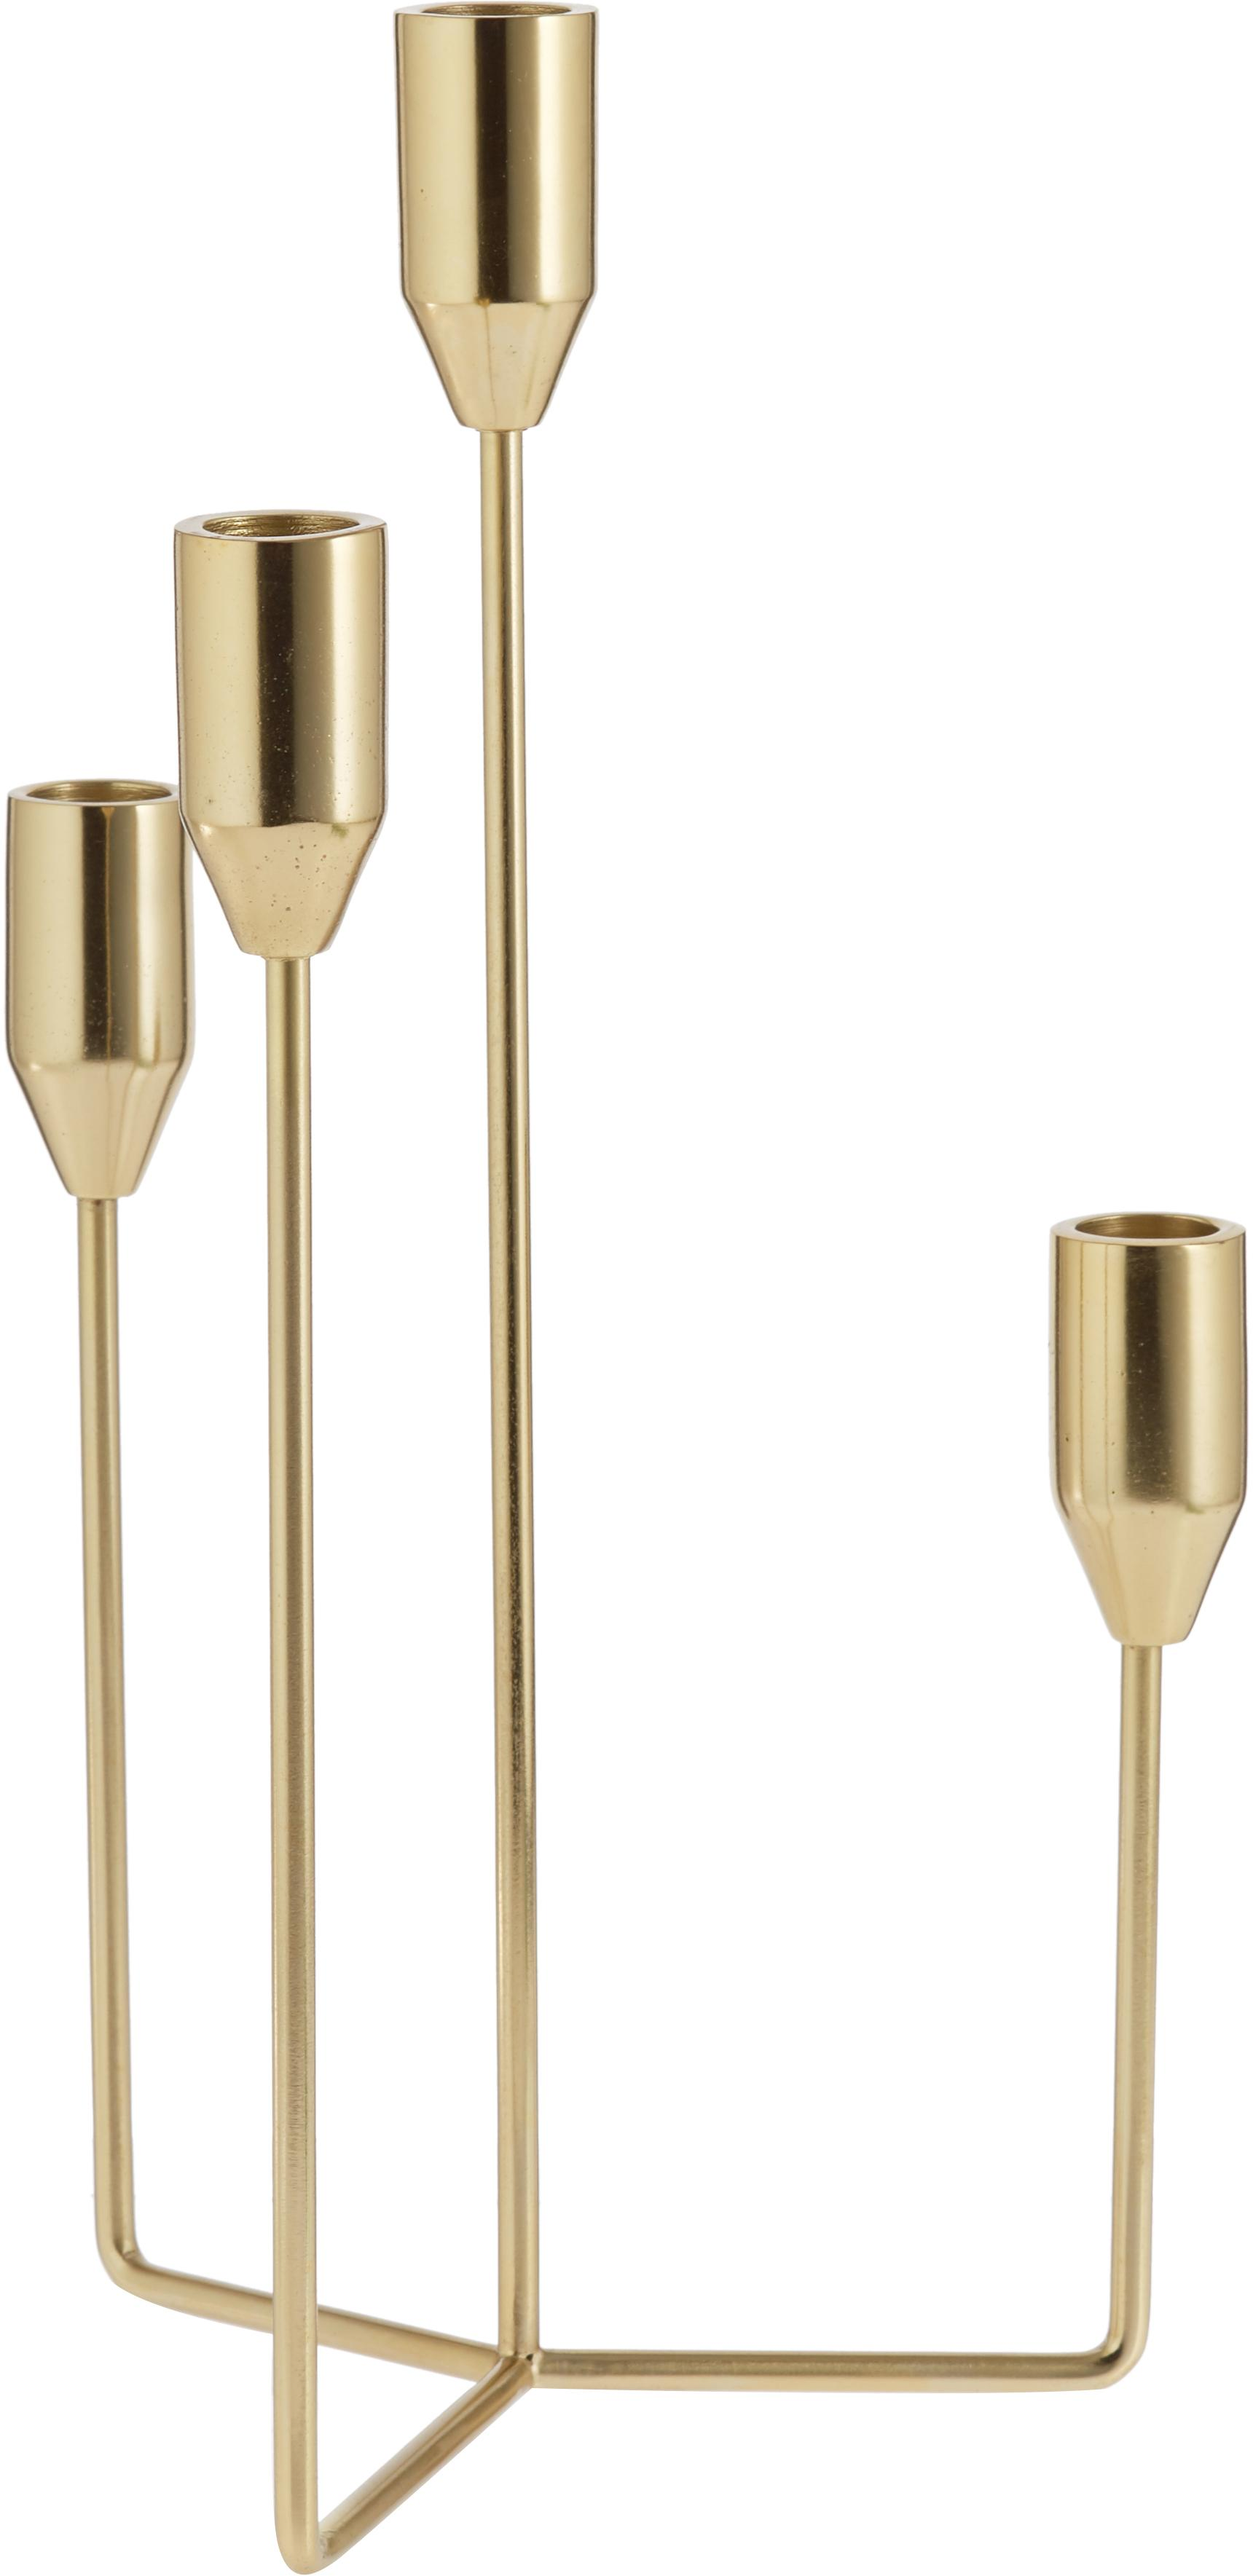 Kerzenhalter Era, Metall, vermessingt, Messing, 18 x 36 cm